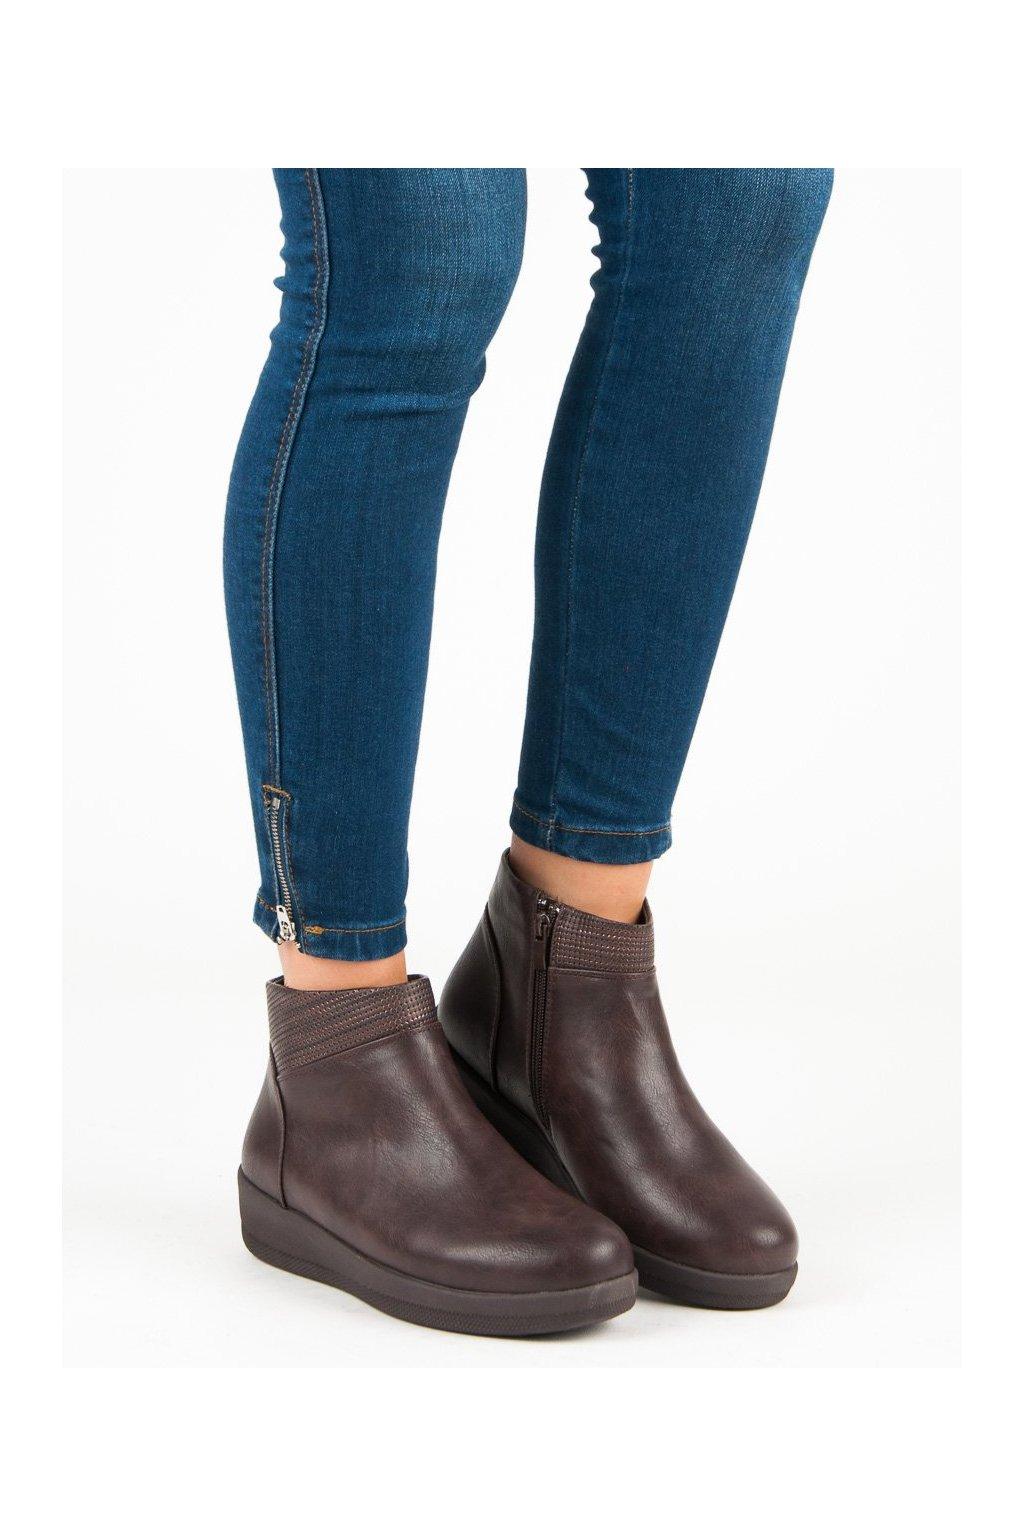 Červené dámske topánky Kylie kod K1822511MAR